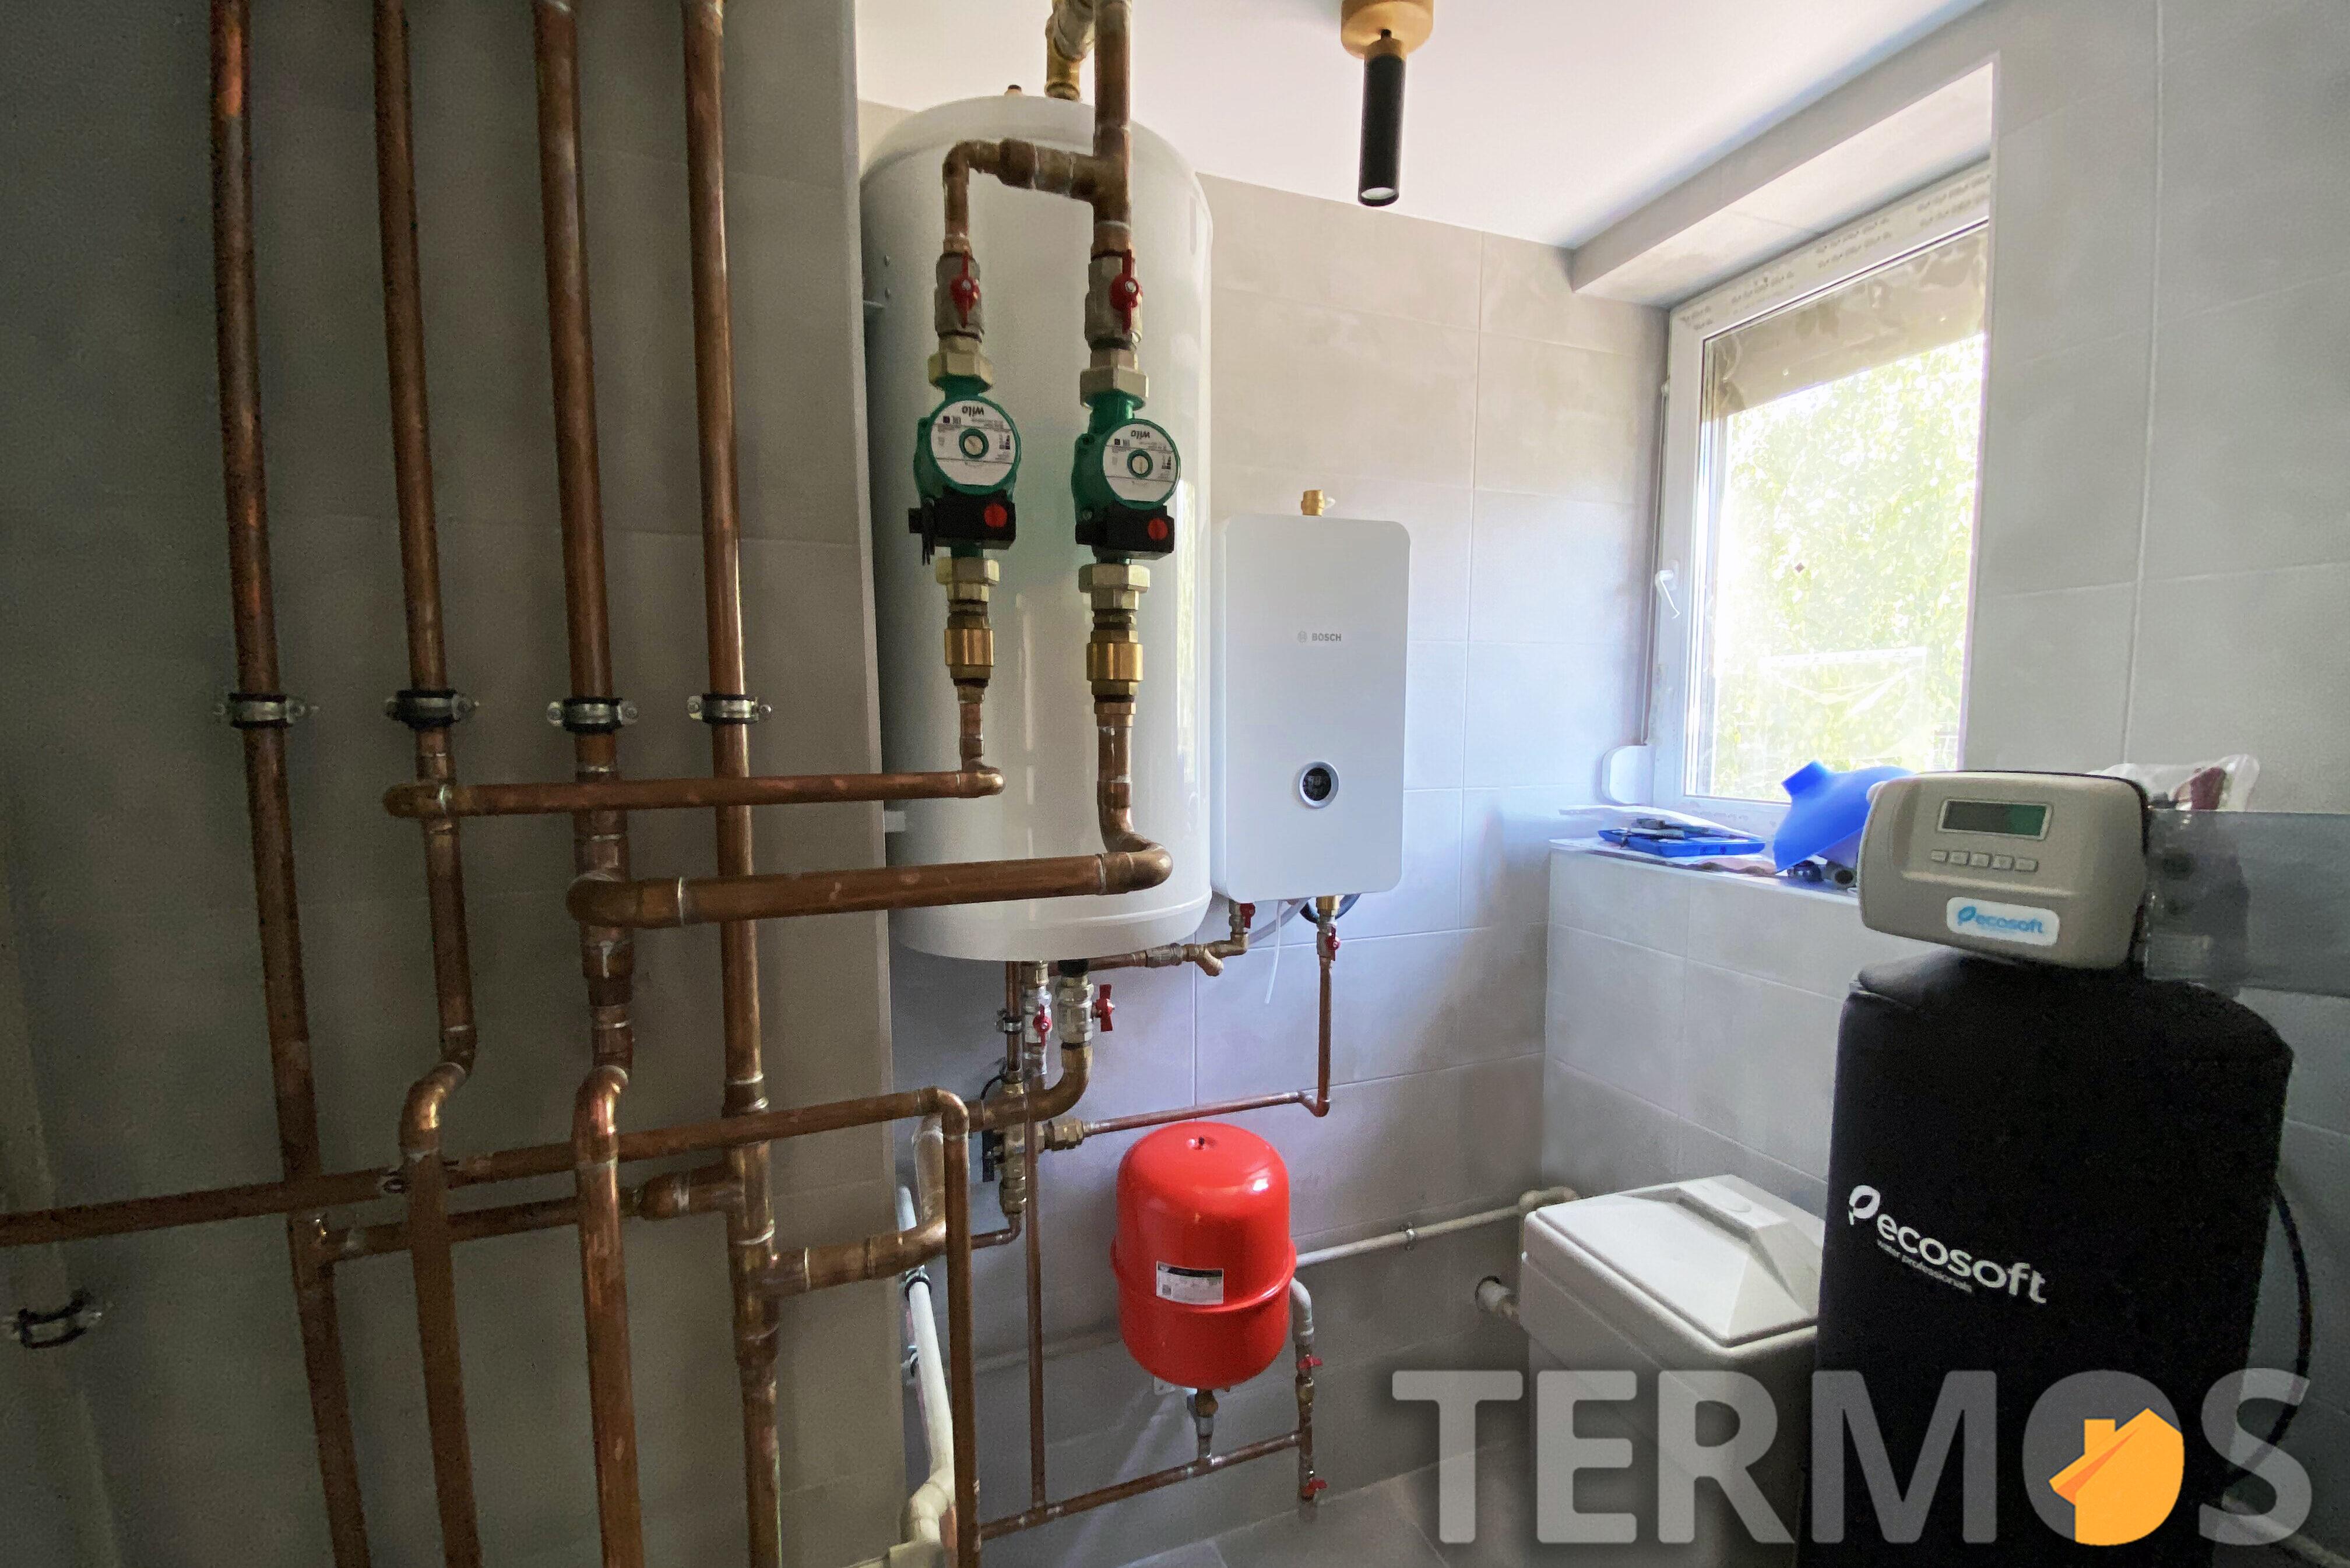 Система отопления с функциями отопления радиаторами, теплым полом, отопления/охлаждения фанкойлами, приготовление горячей воды, циркуляции ГВС